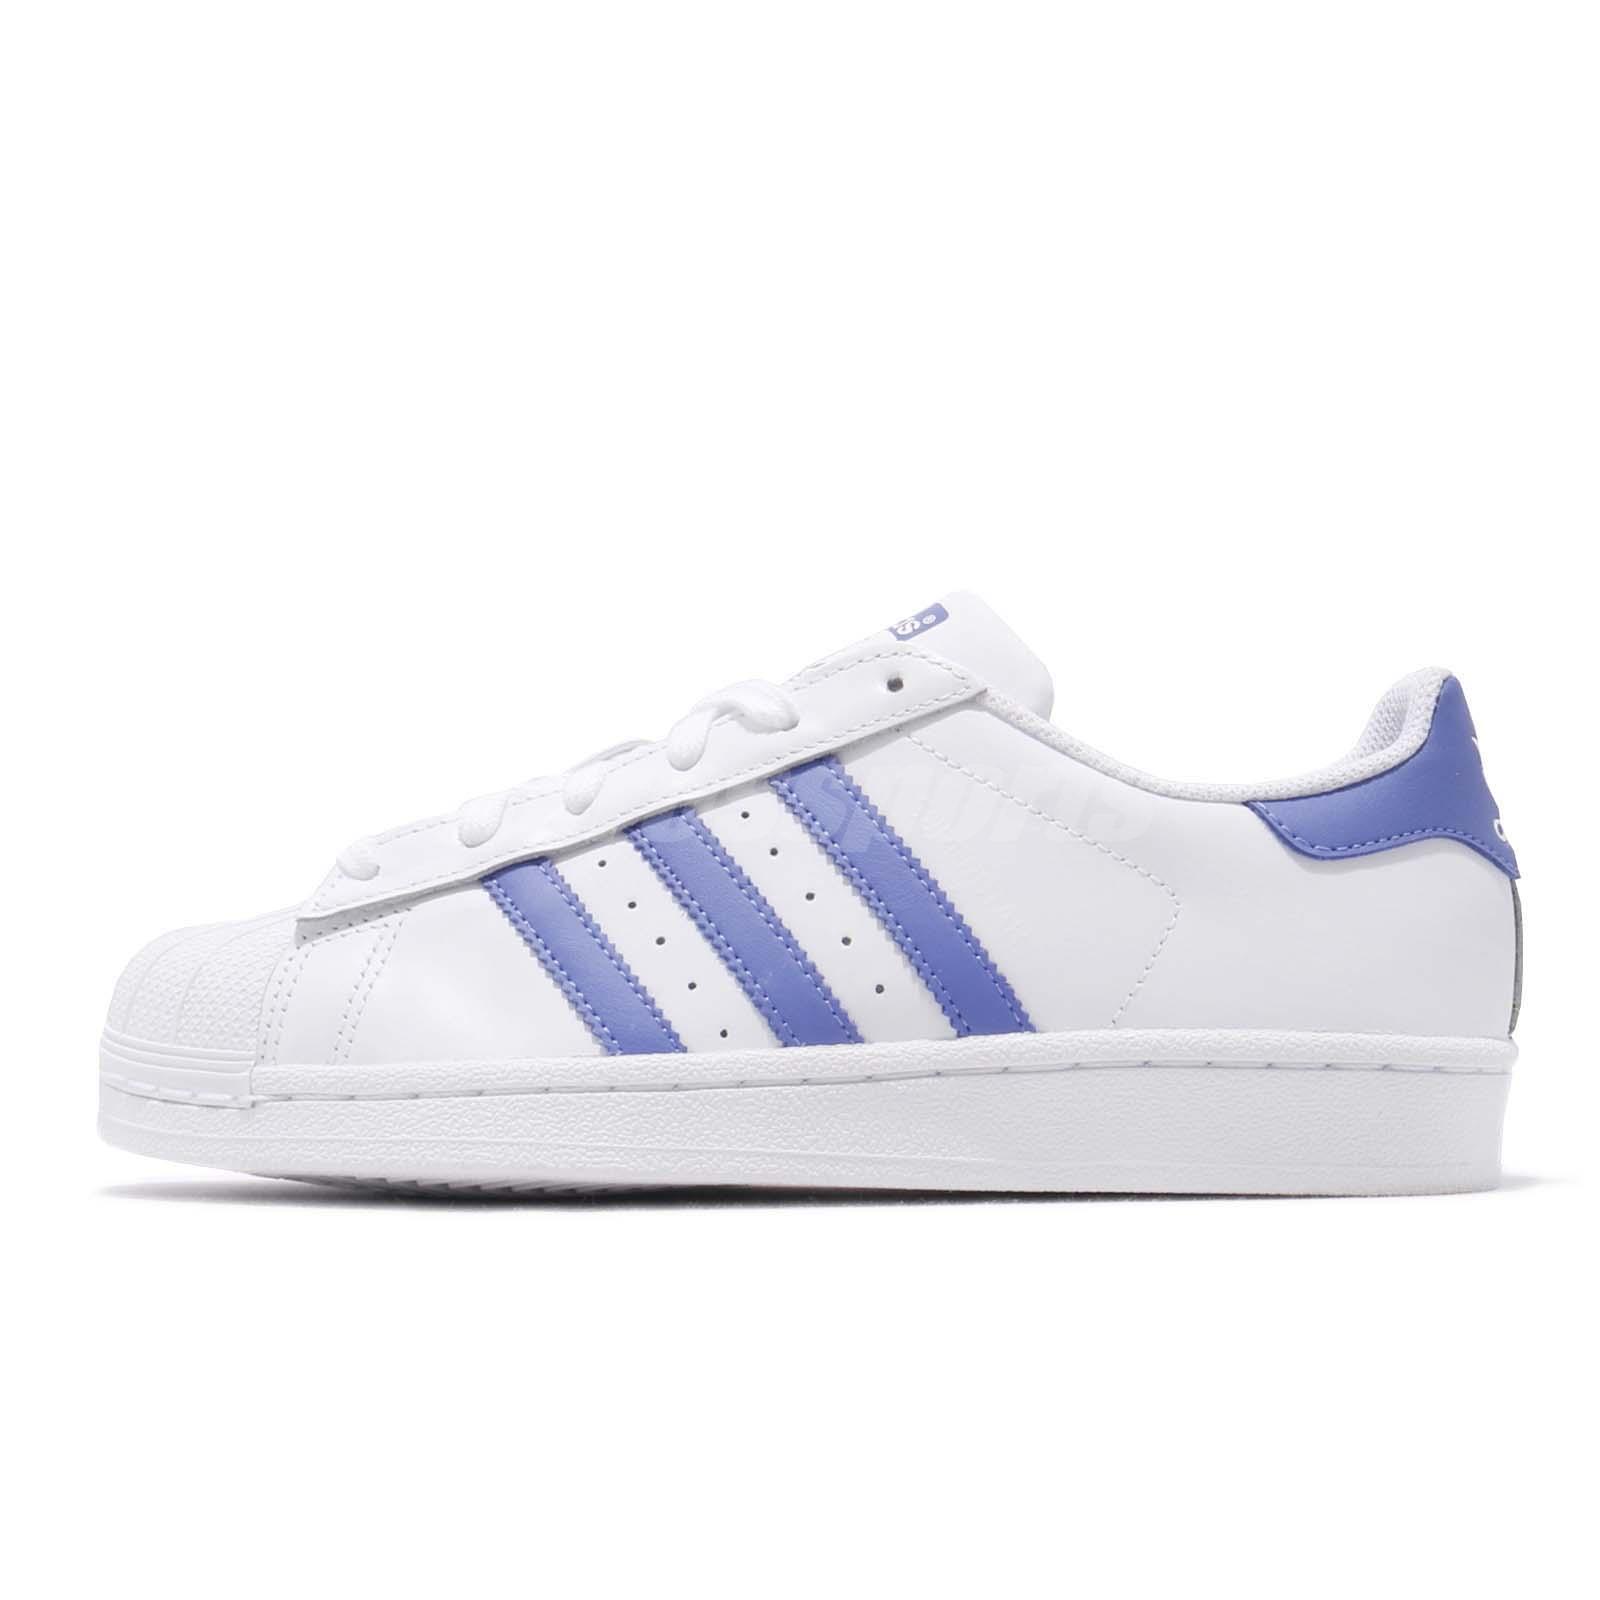 Men'SWomen'S Today Adidas Originals Superstar Shoes